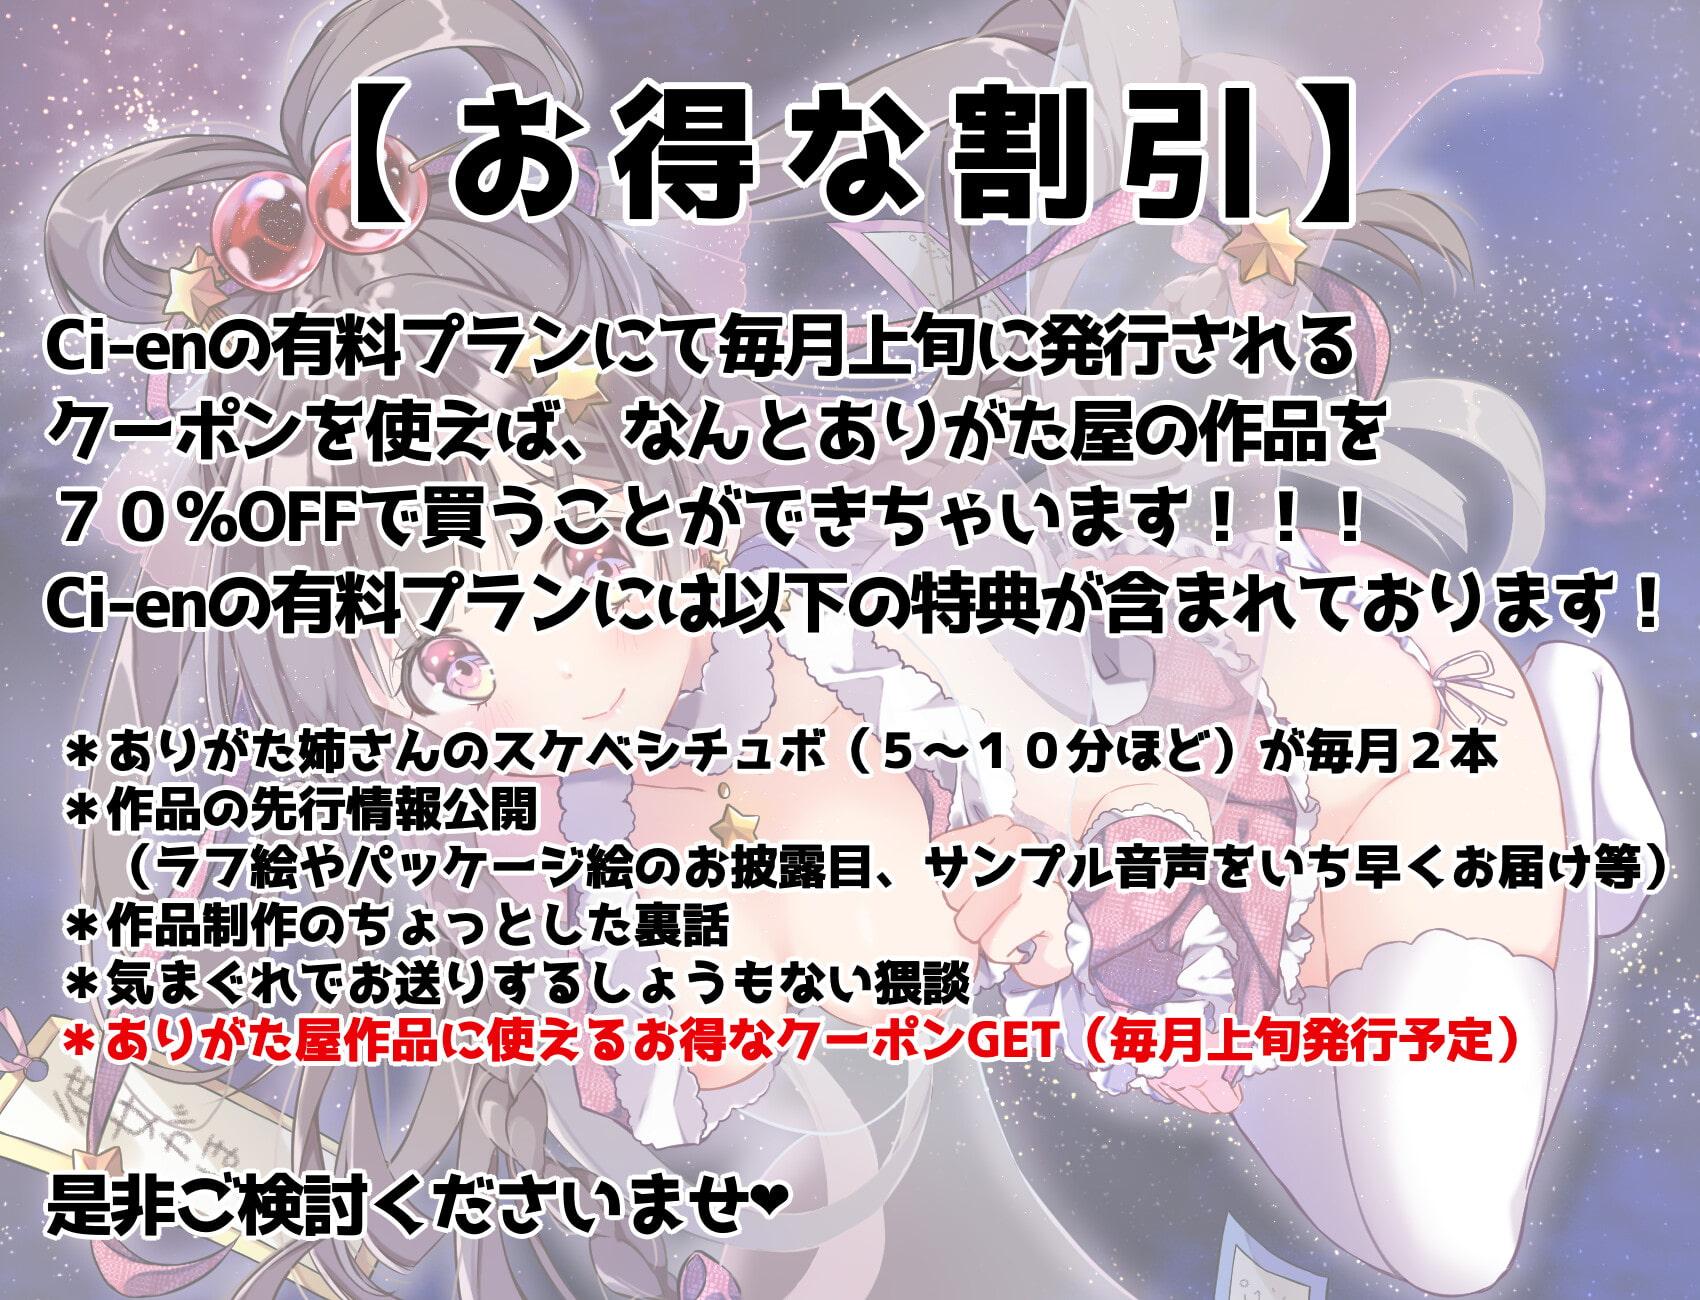 RJ333303 みるきぃがぁる 〜ビッチな織姫とズッコンバッコンする話〜 [20210707]